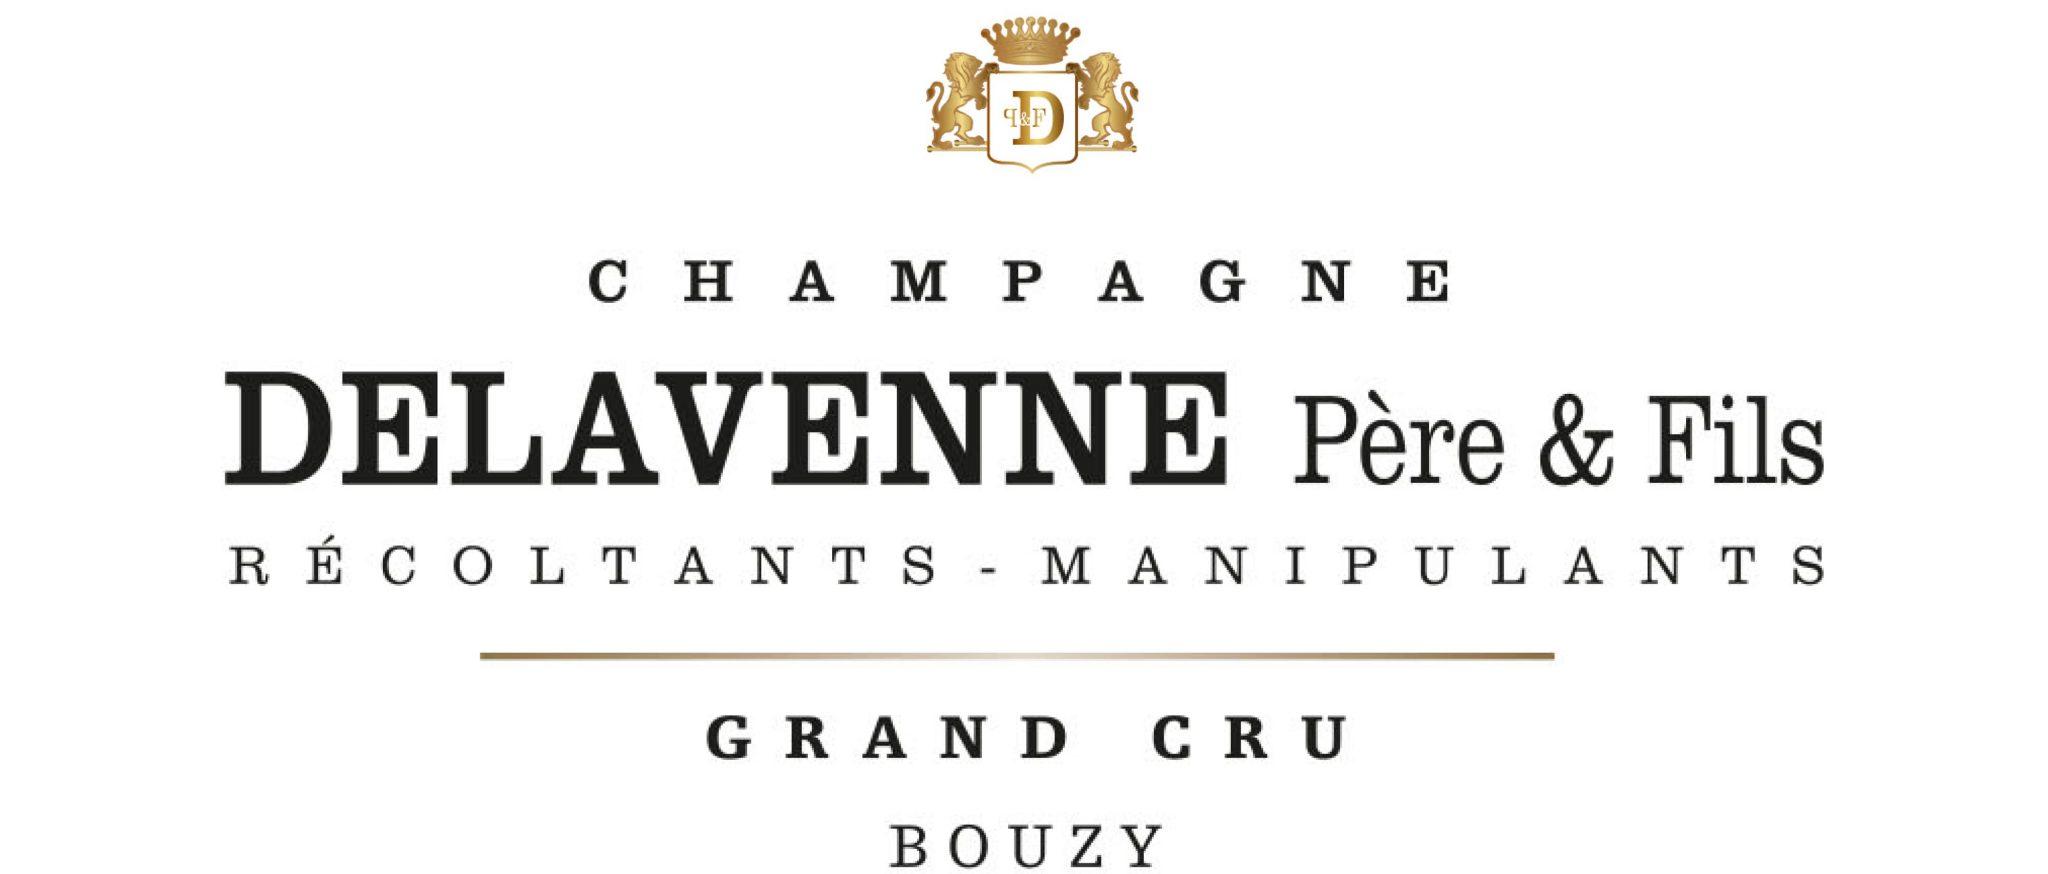 S.C.E.V DELAVENNE PERE ET FILS Bouzy, 6 RUE DE TOURS 51150 BOUZY, France